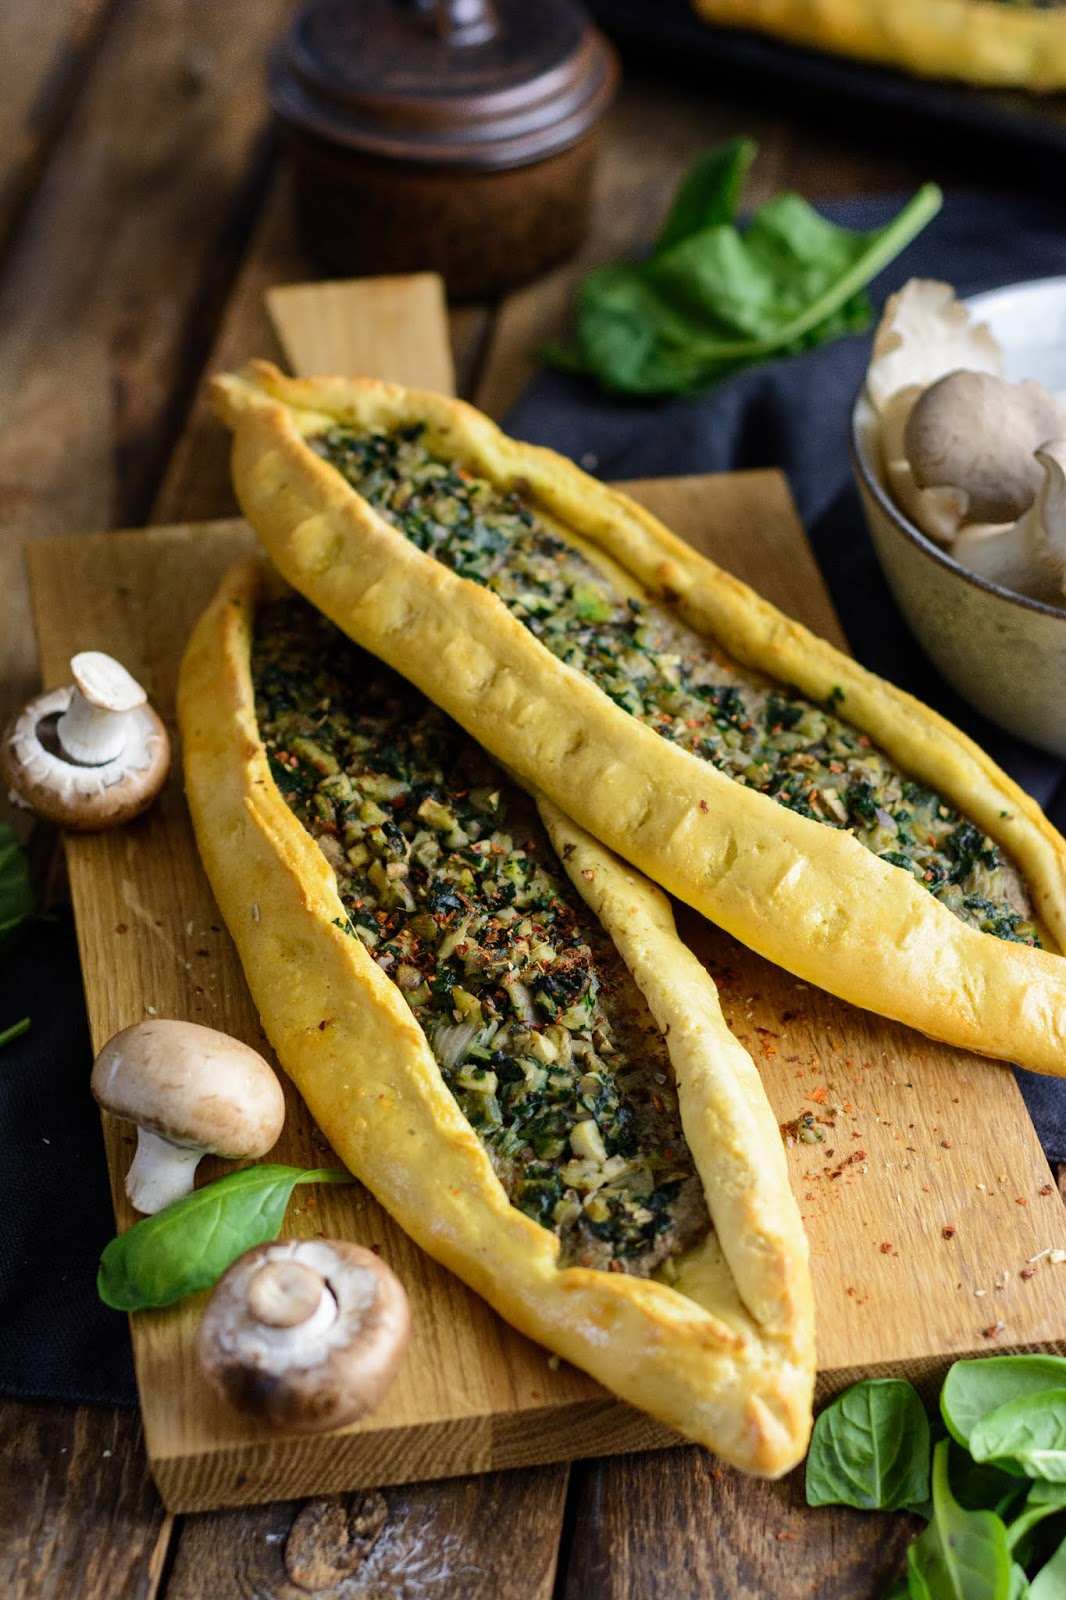 Rezept Pide mit Wurst, Pide mit Spinat und Pilzen